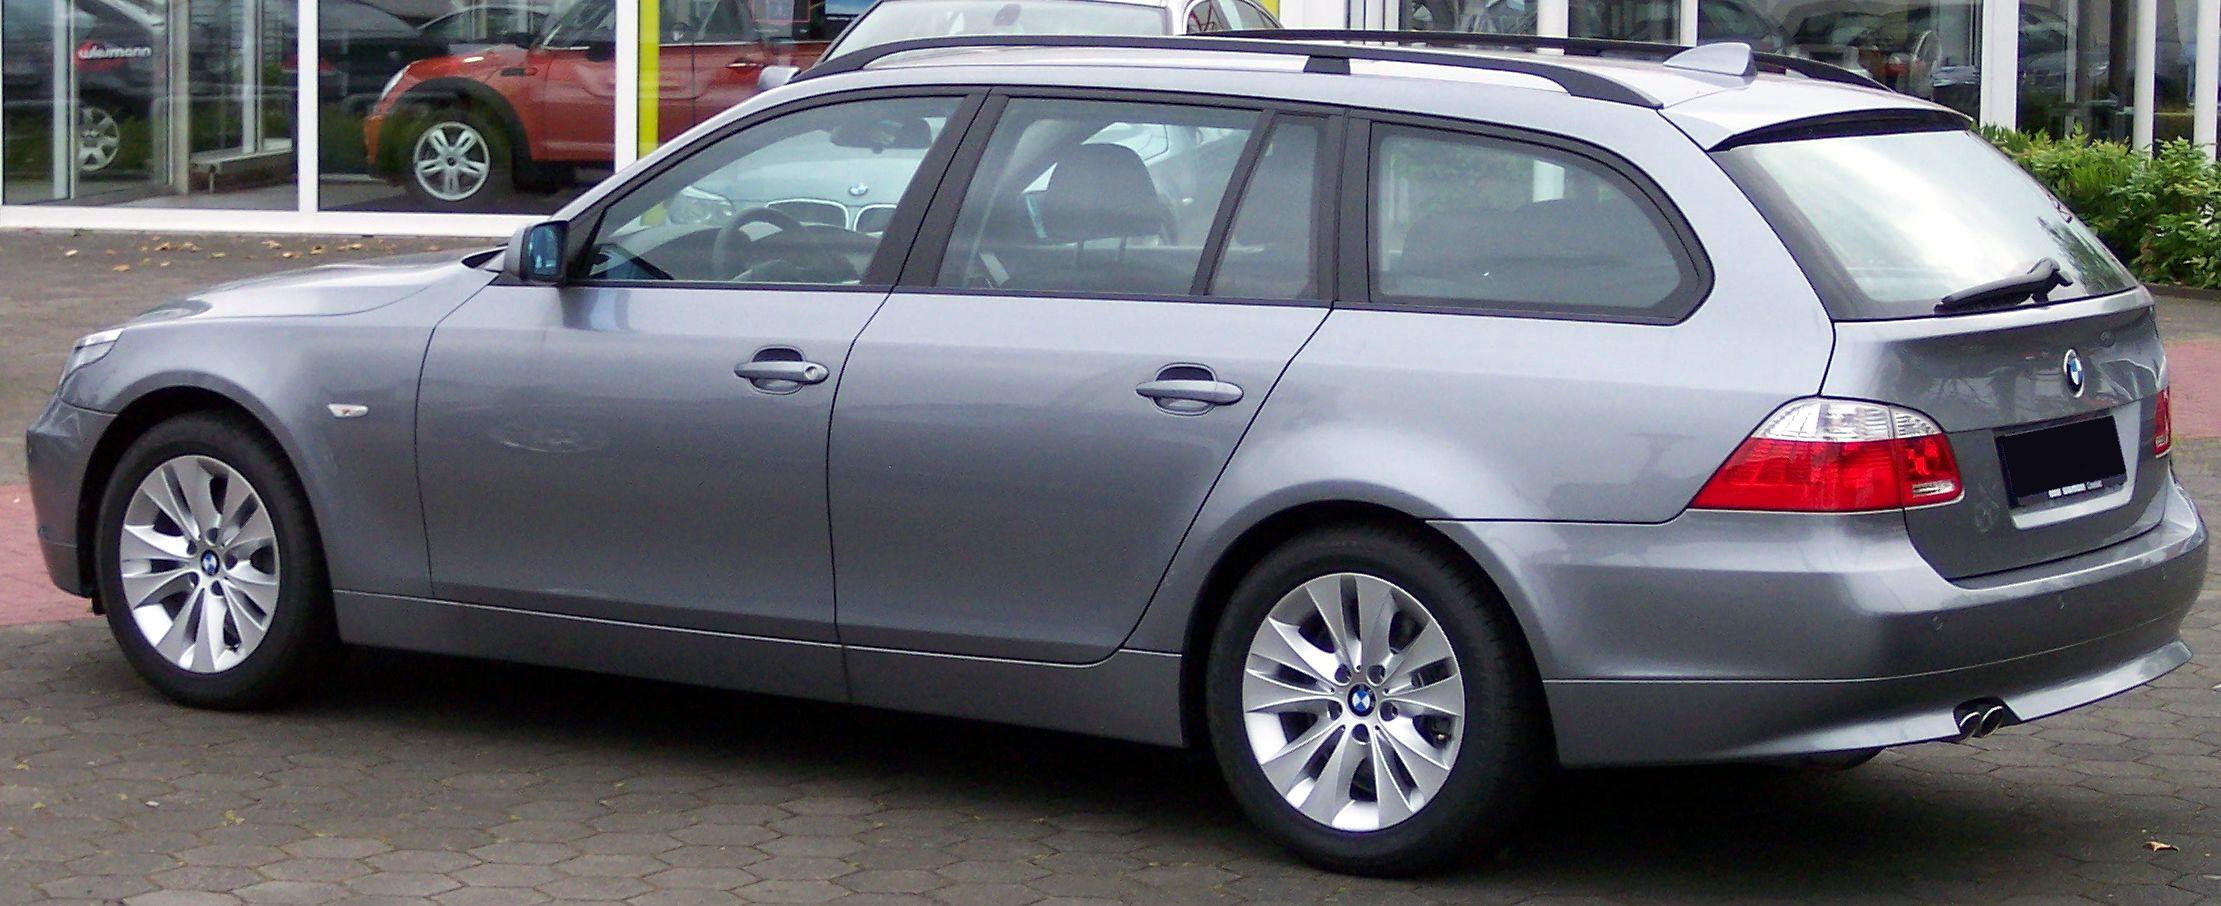 BMW 5 silver